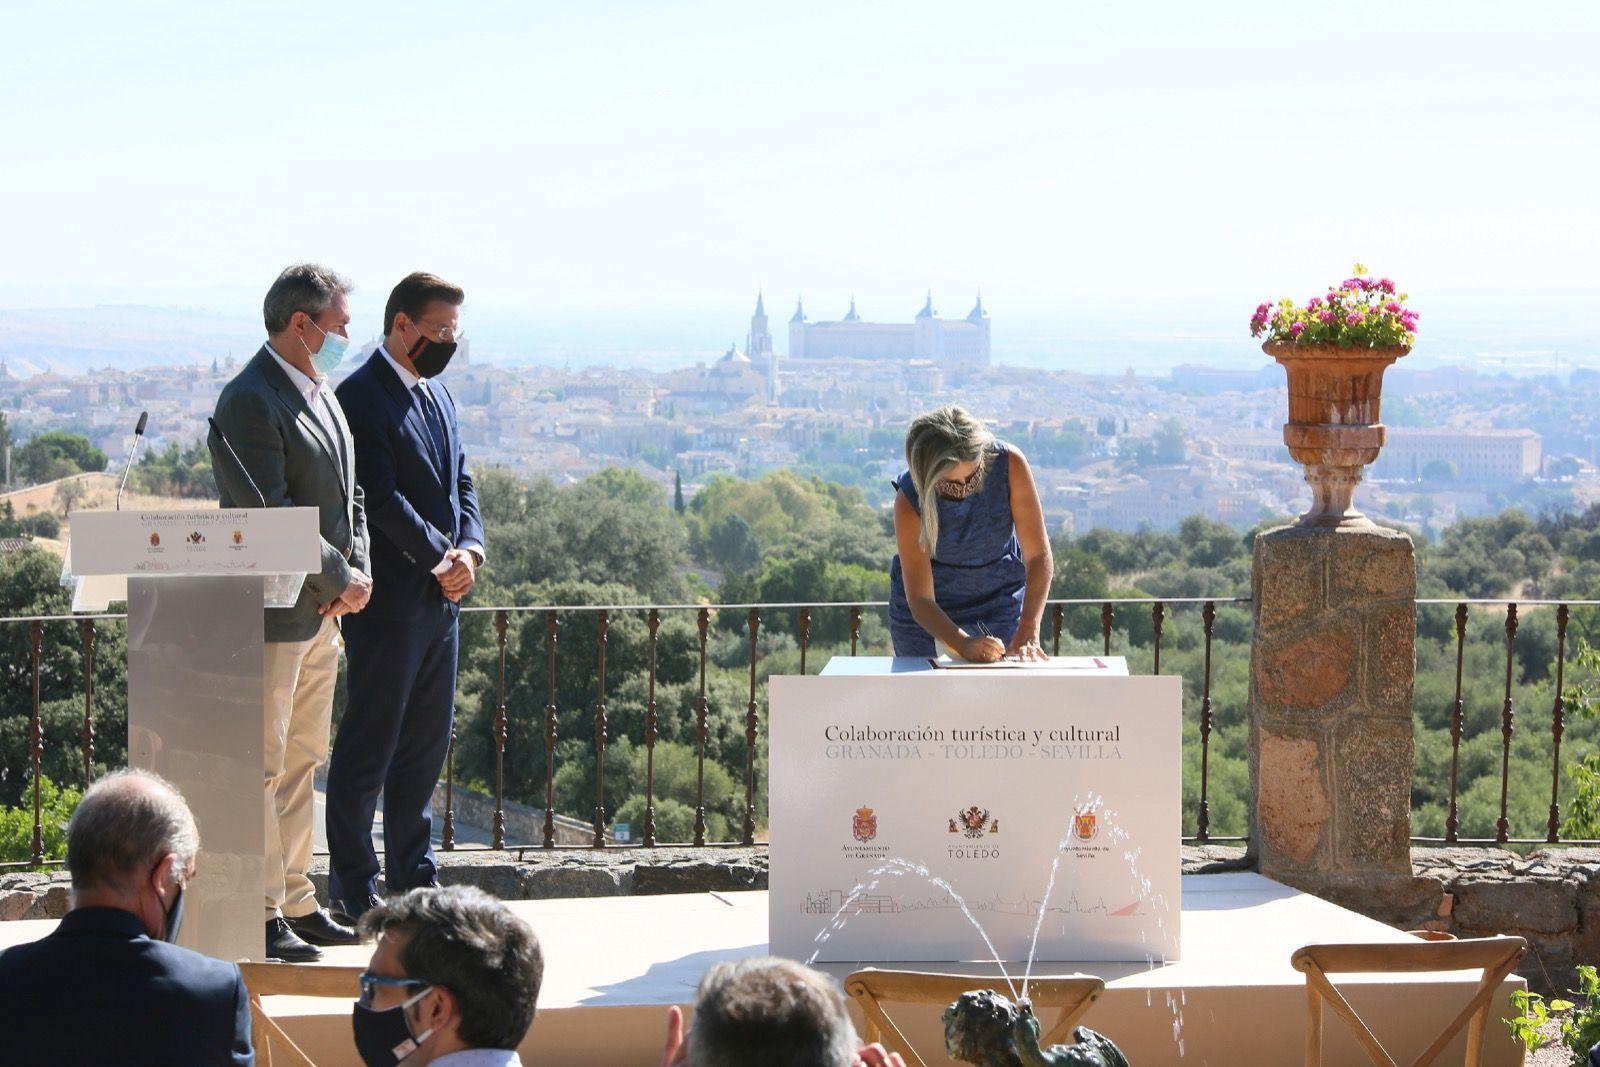 """Tolón: """"Con este acuerdo las tres ciudades afrontamos la revitalización del sector turístico con determinación y confianza"""""""